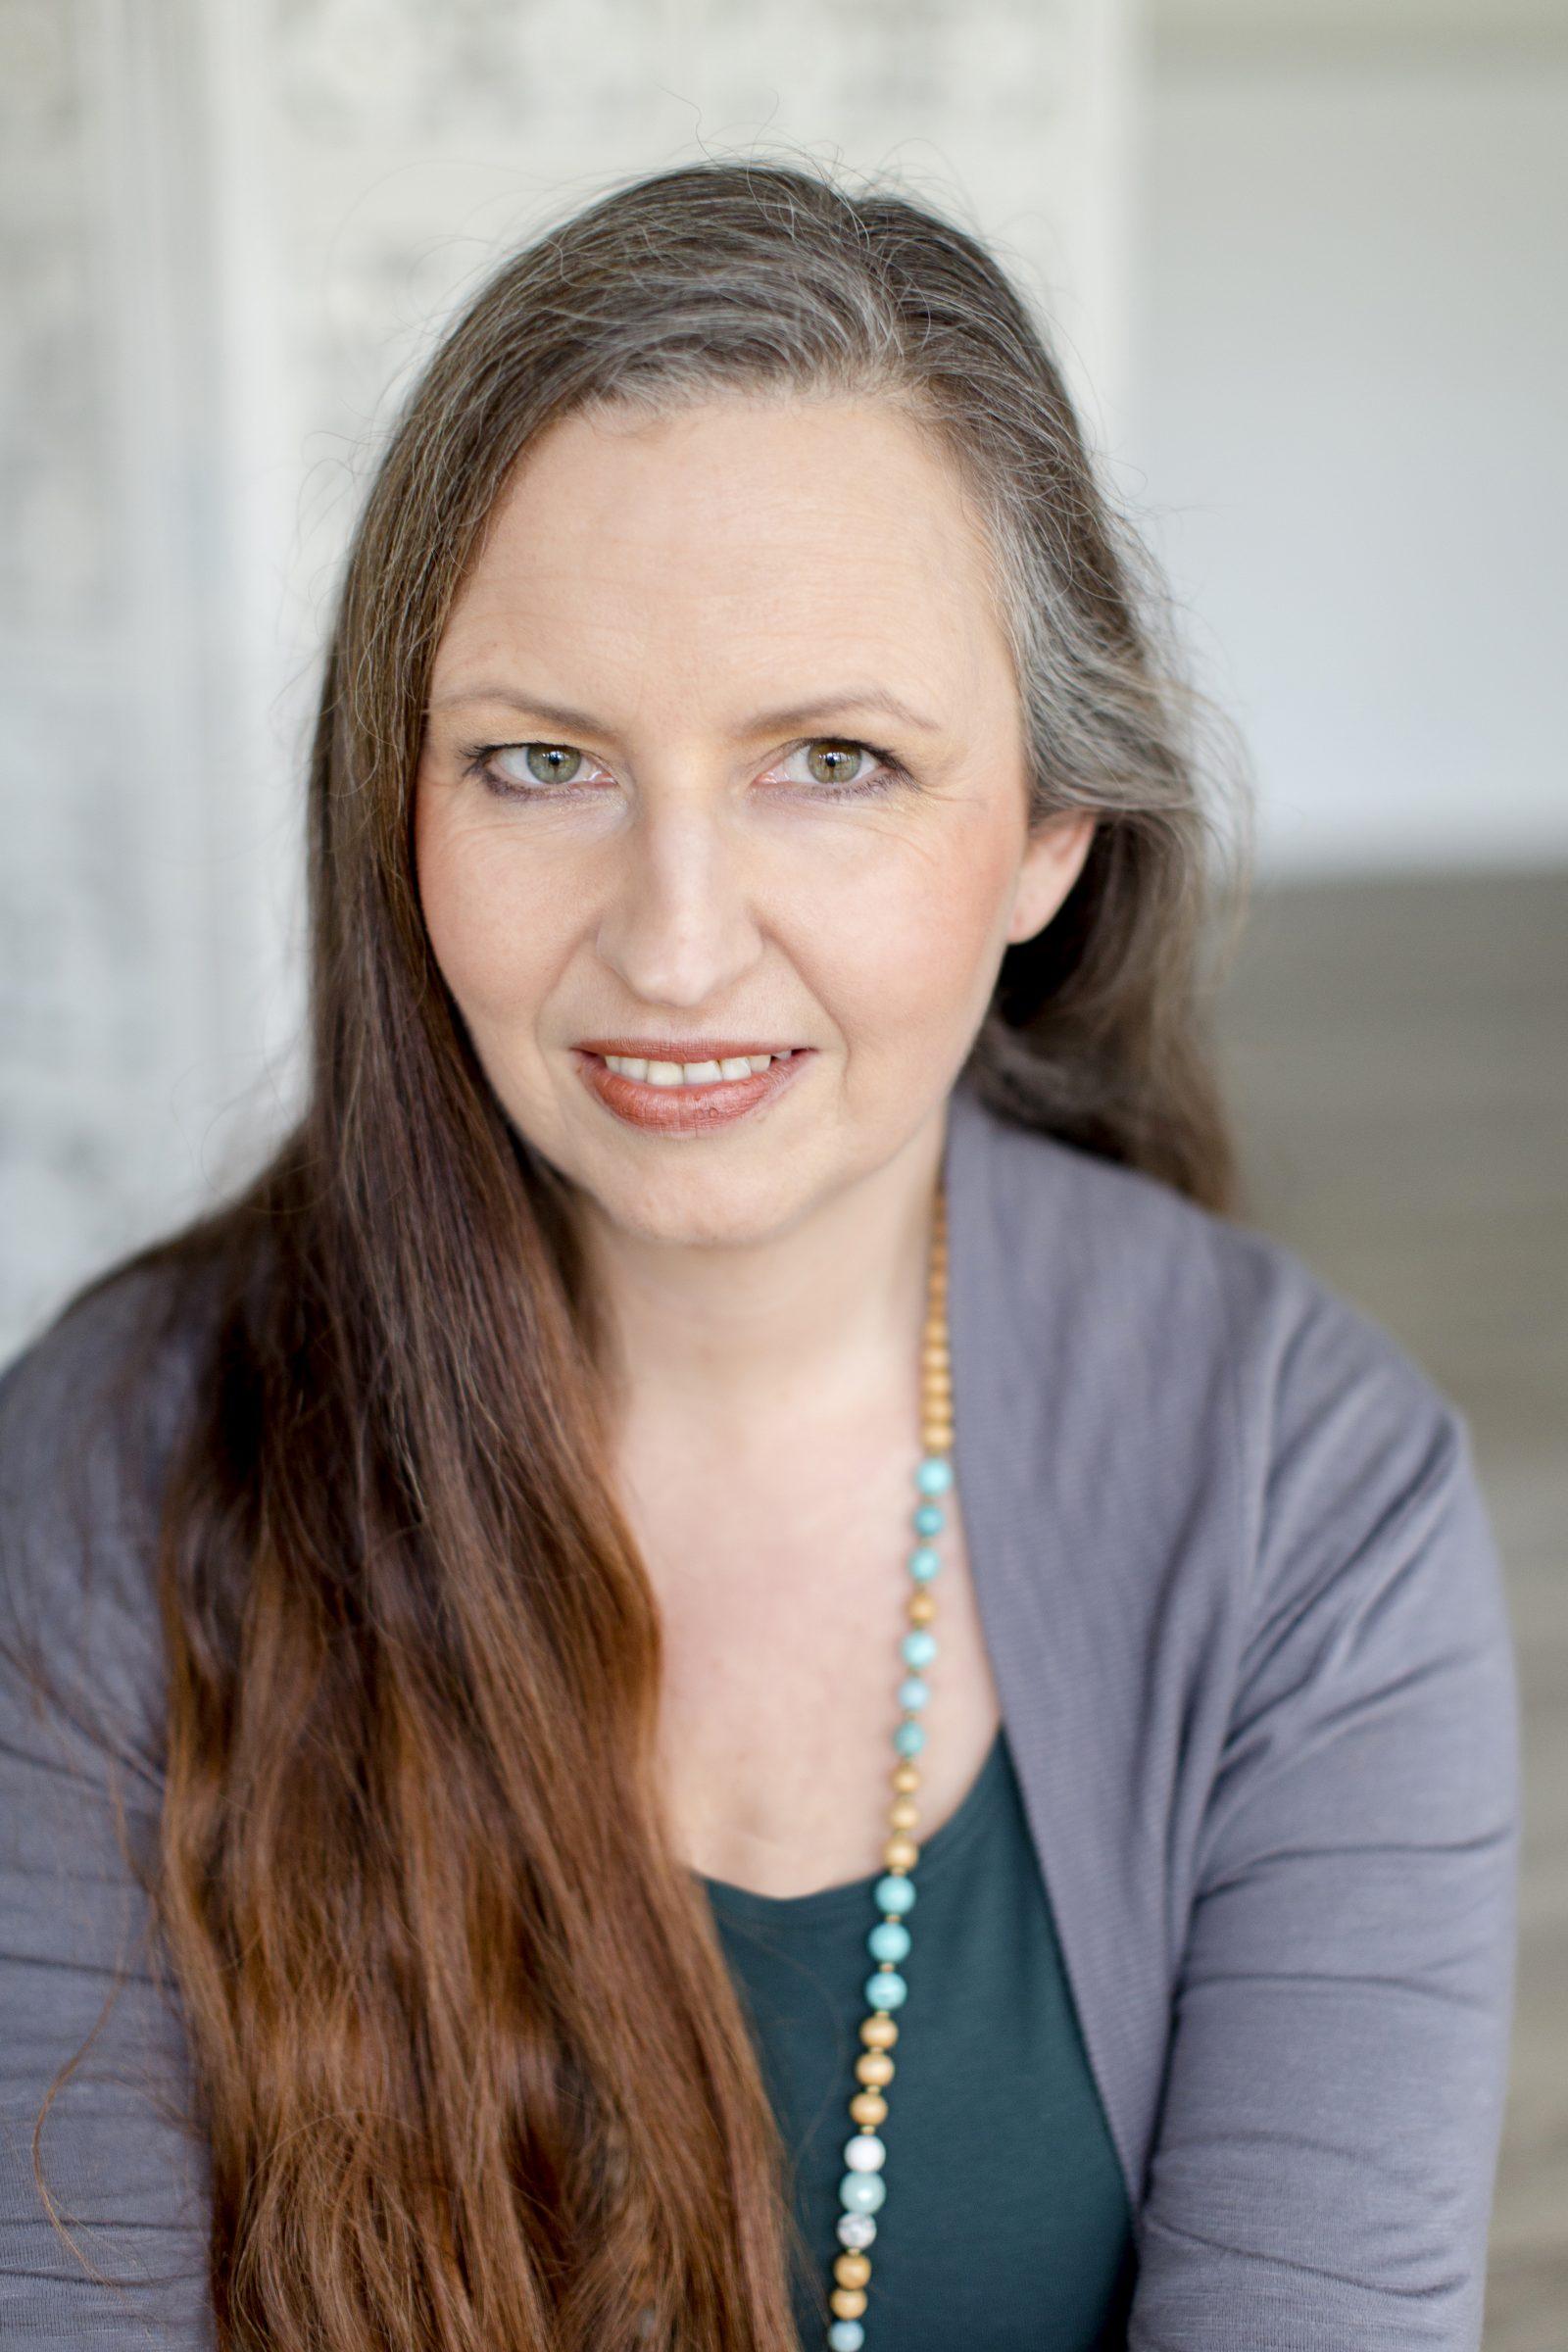 portrait-suva-schachner